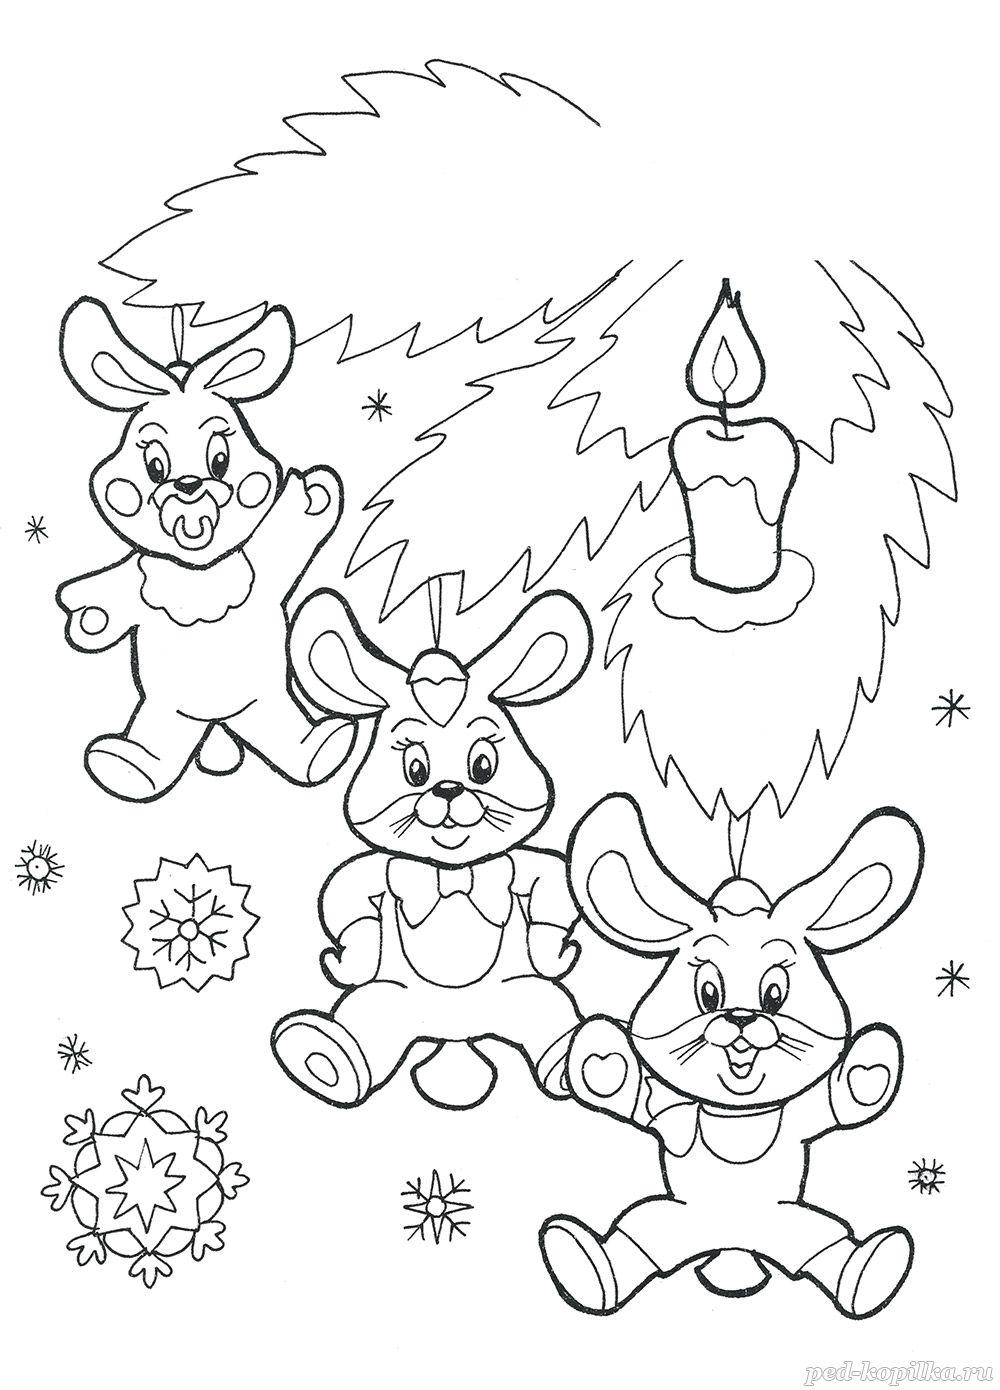 раскраска для детей 5 8 лет новогодние игрушки зайчики